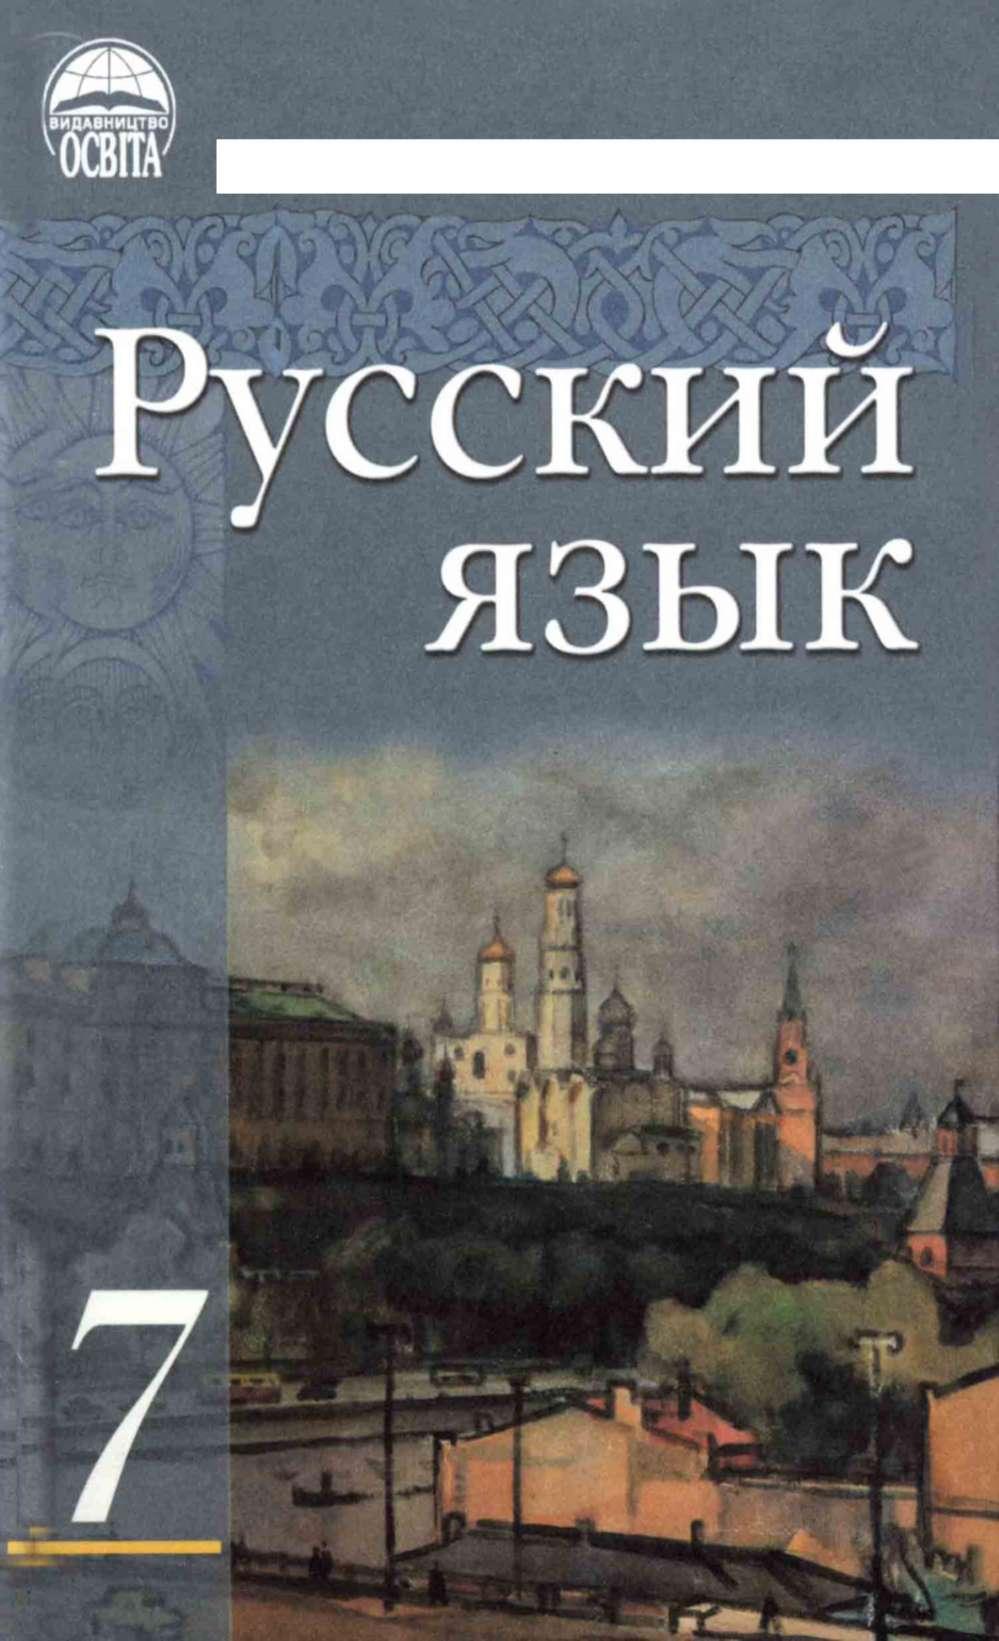 Гдз по русскому 6 класс корсаков сакович